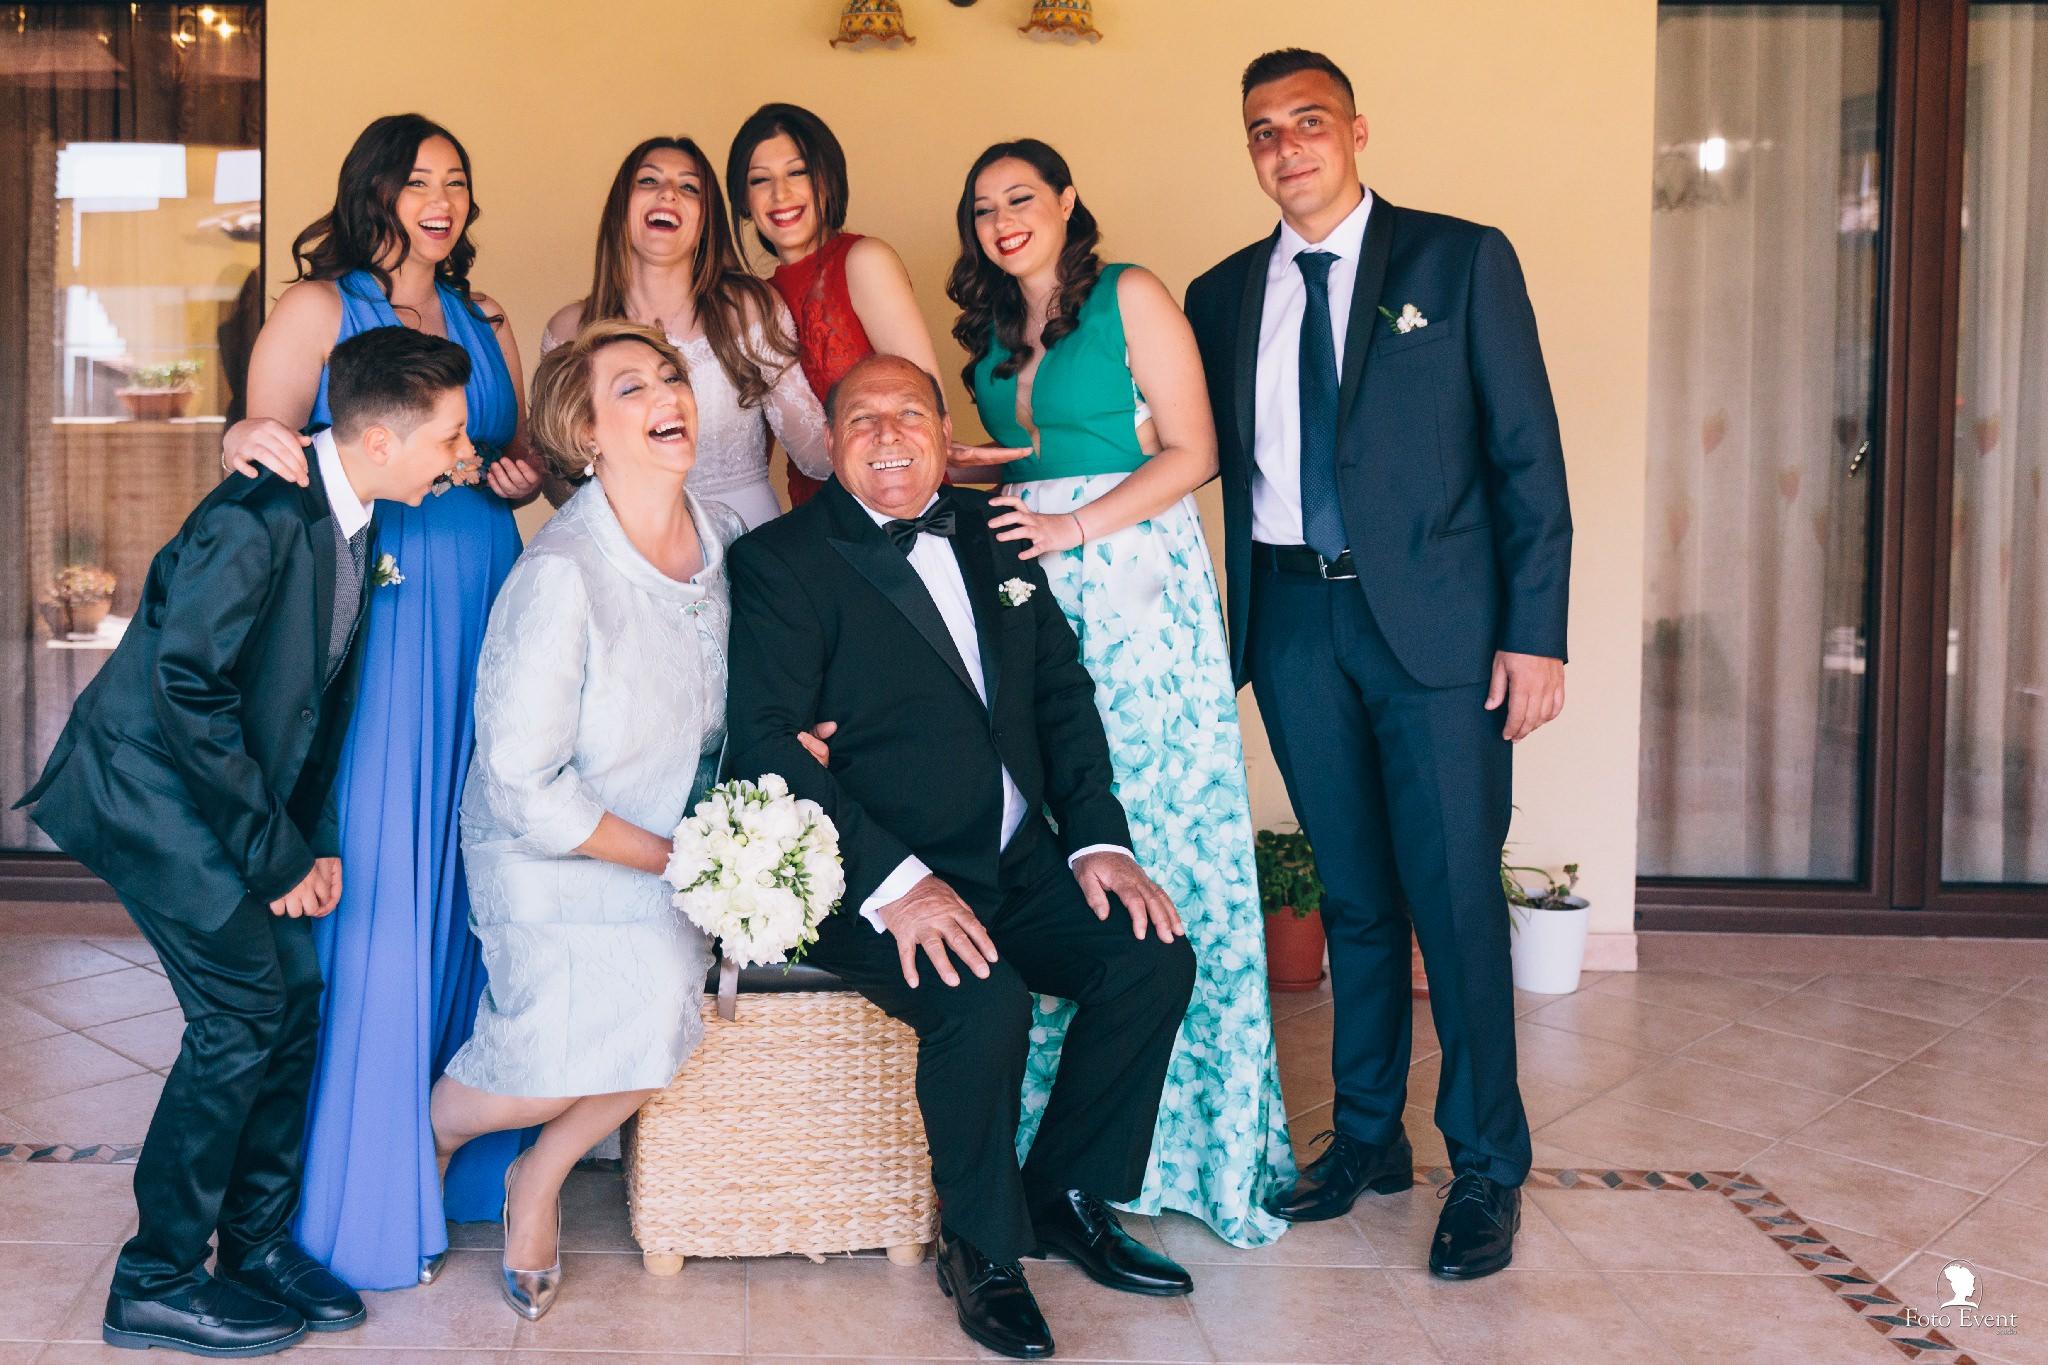 335-2019-05-09-Matrimonio-Maria-Concetta-e-Daniel-Gebbia-5DE-792